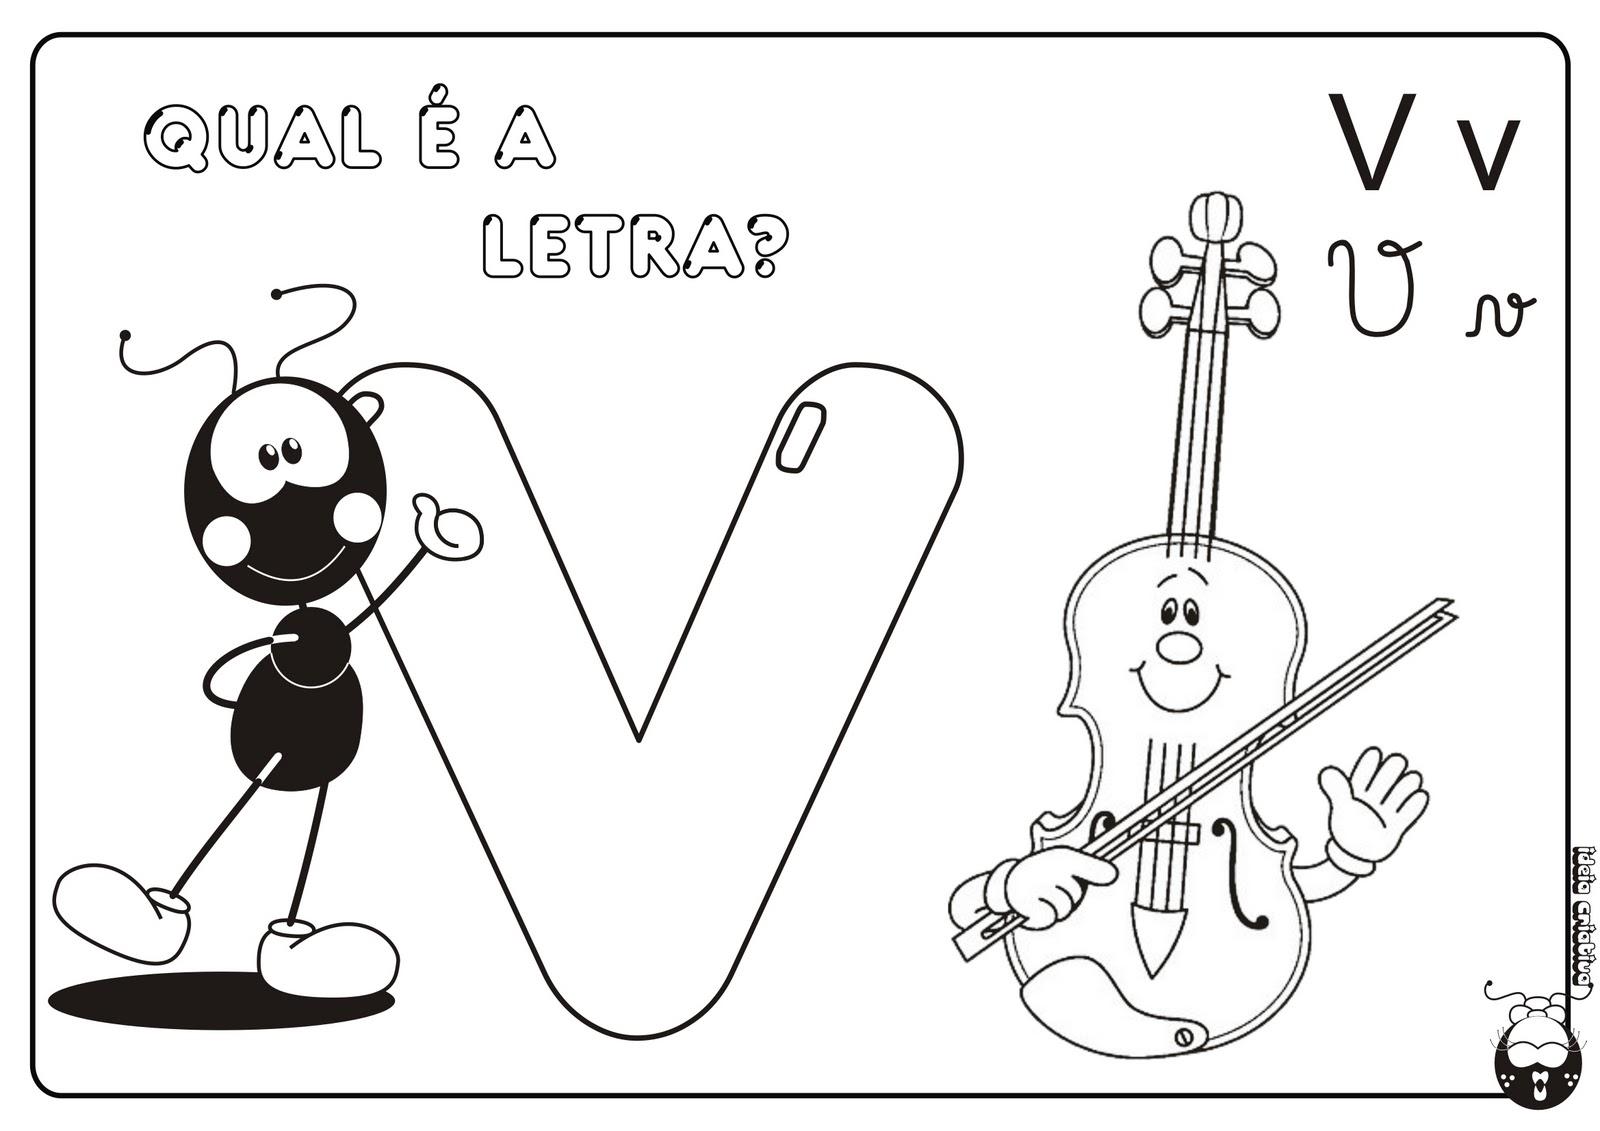 Alfabeto Smilinguido 4 tipos de letra para Baixar Grátis Letra v